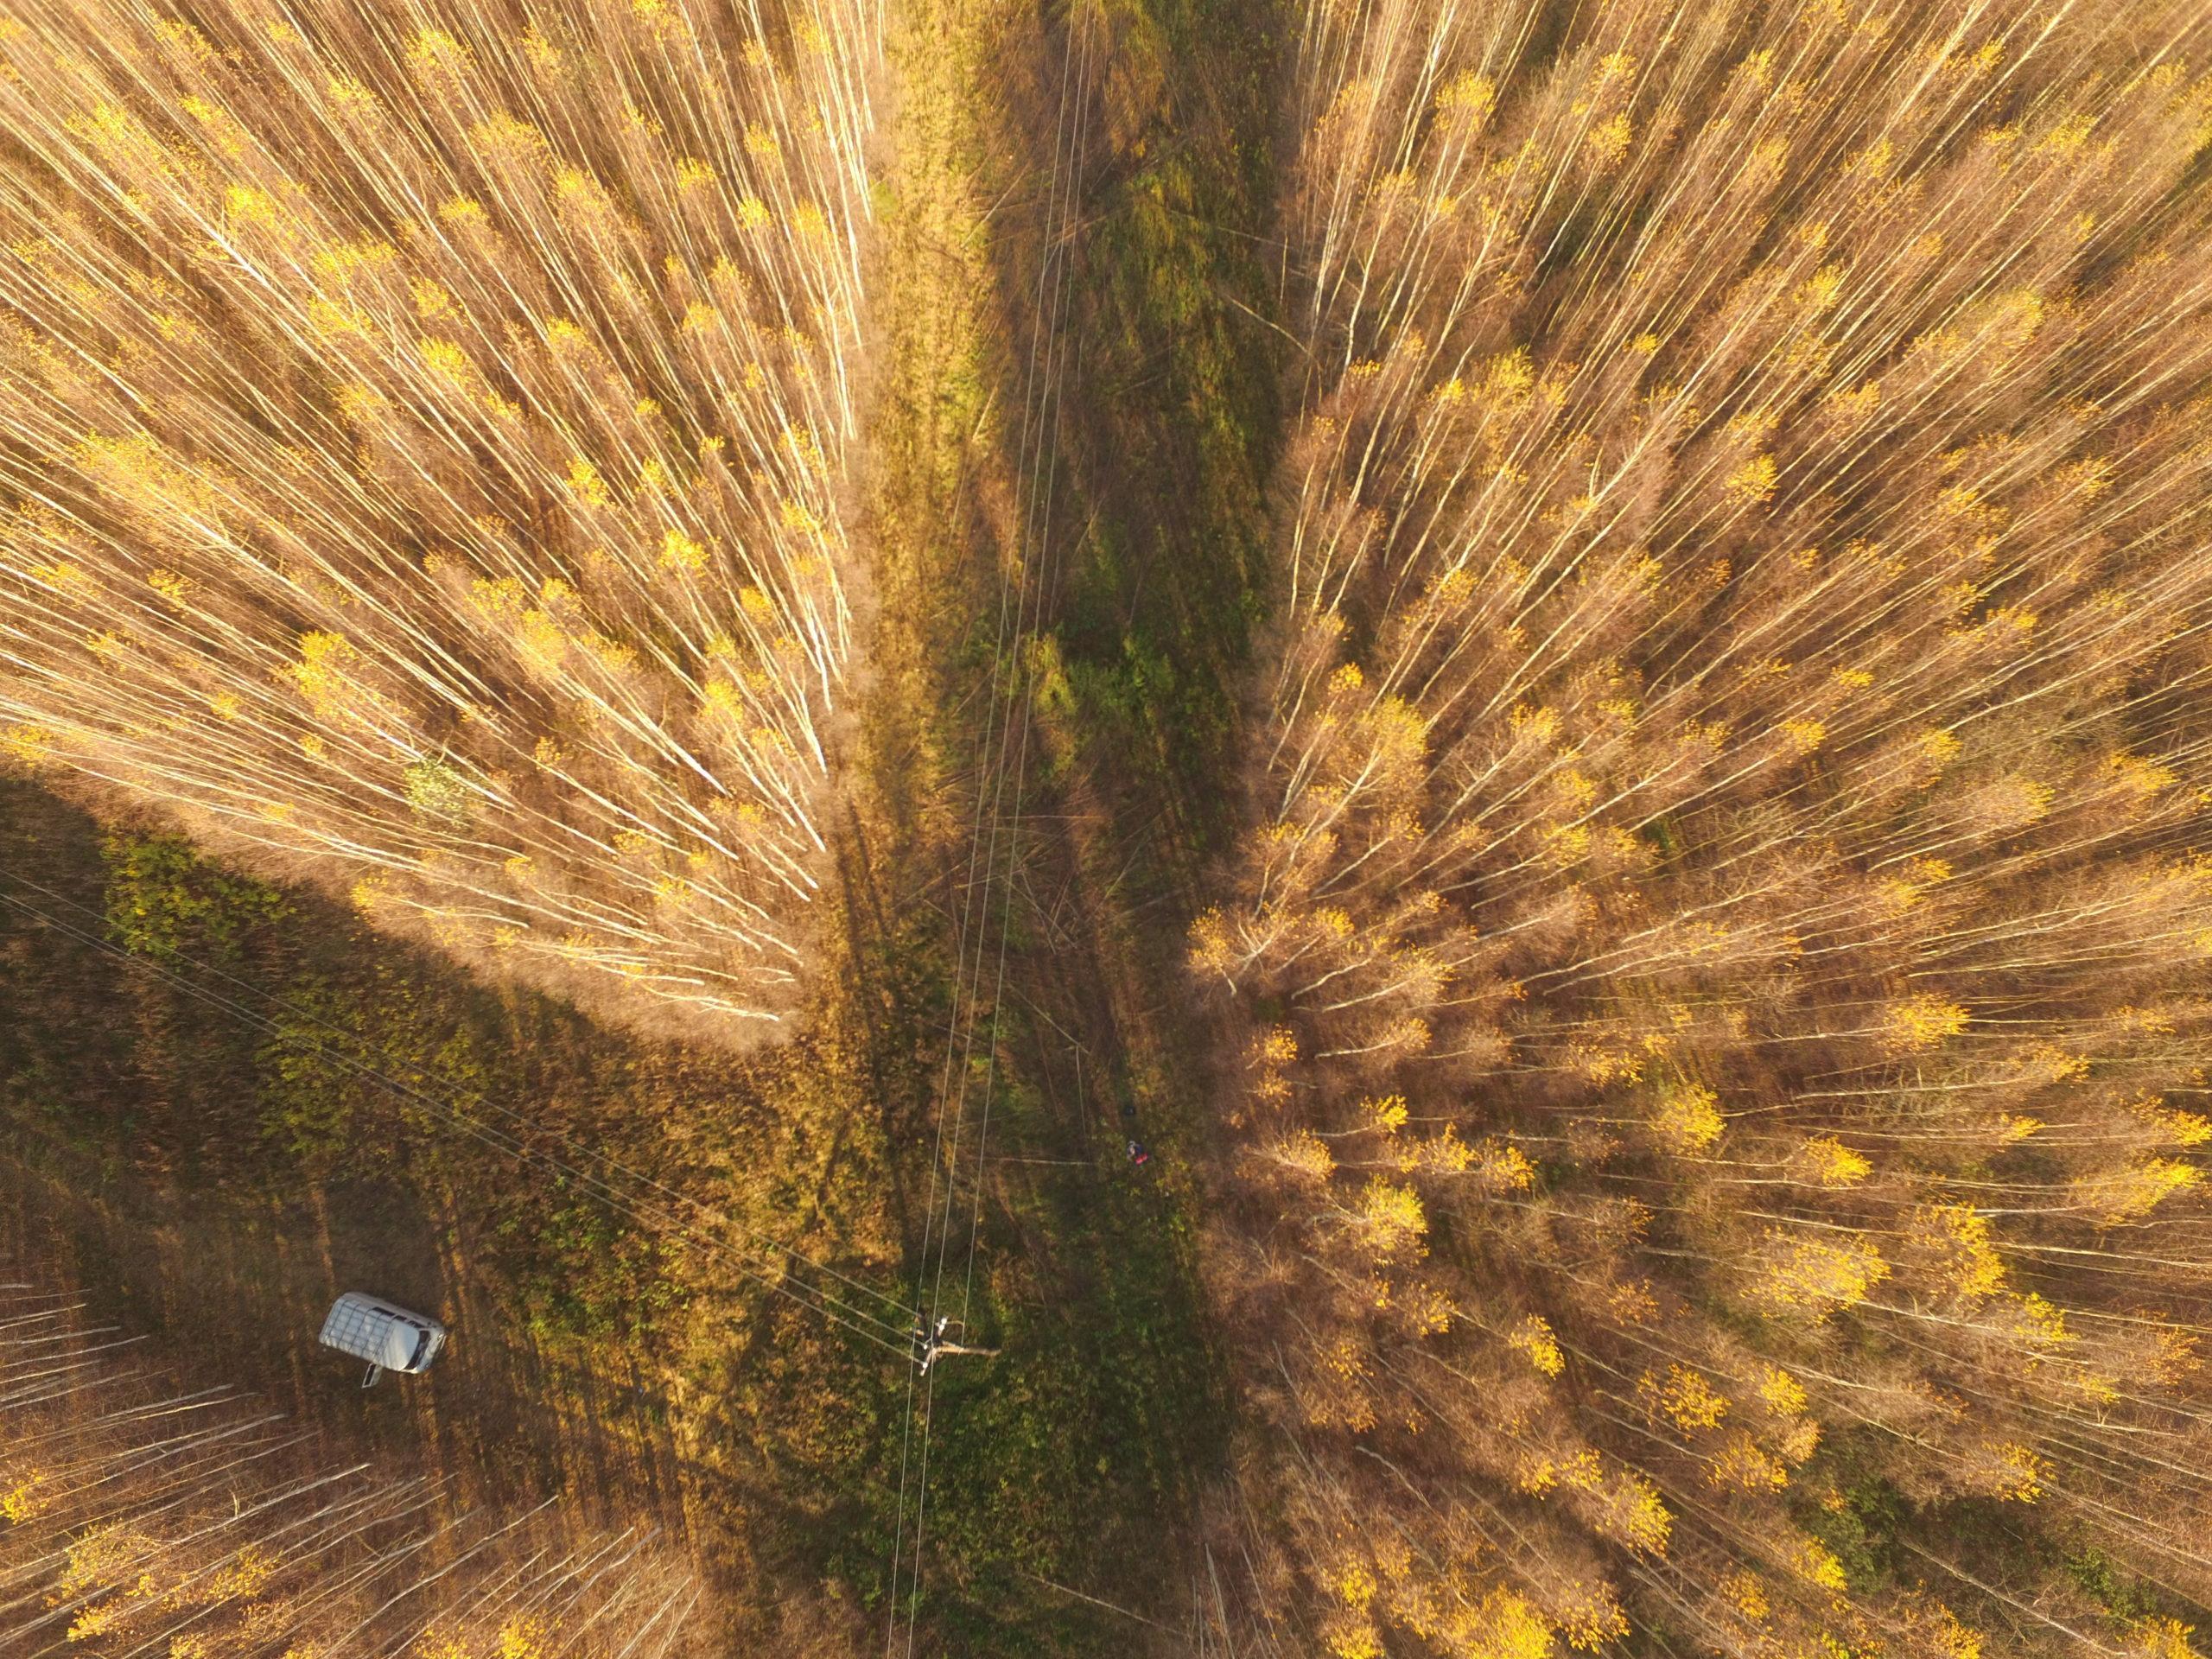 Филиал «Россети Центр Тверьэнерго» обезопасил высоковольтные линии в Тверской области